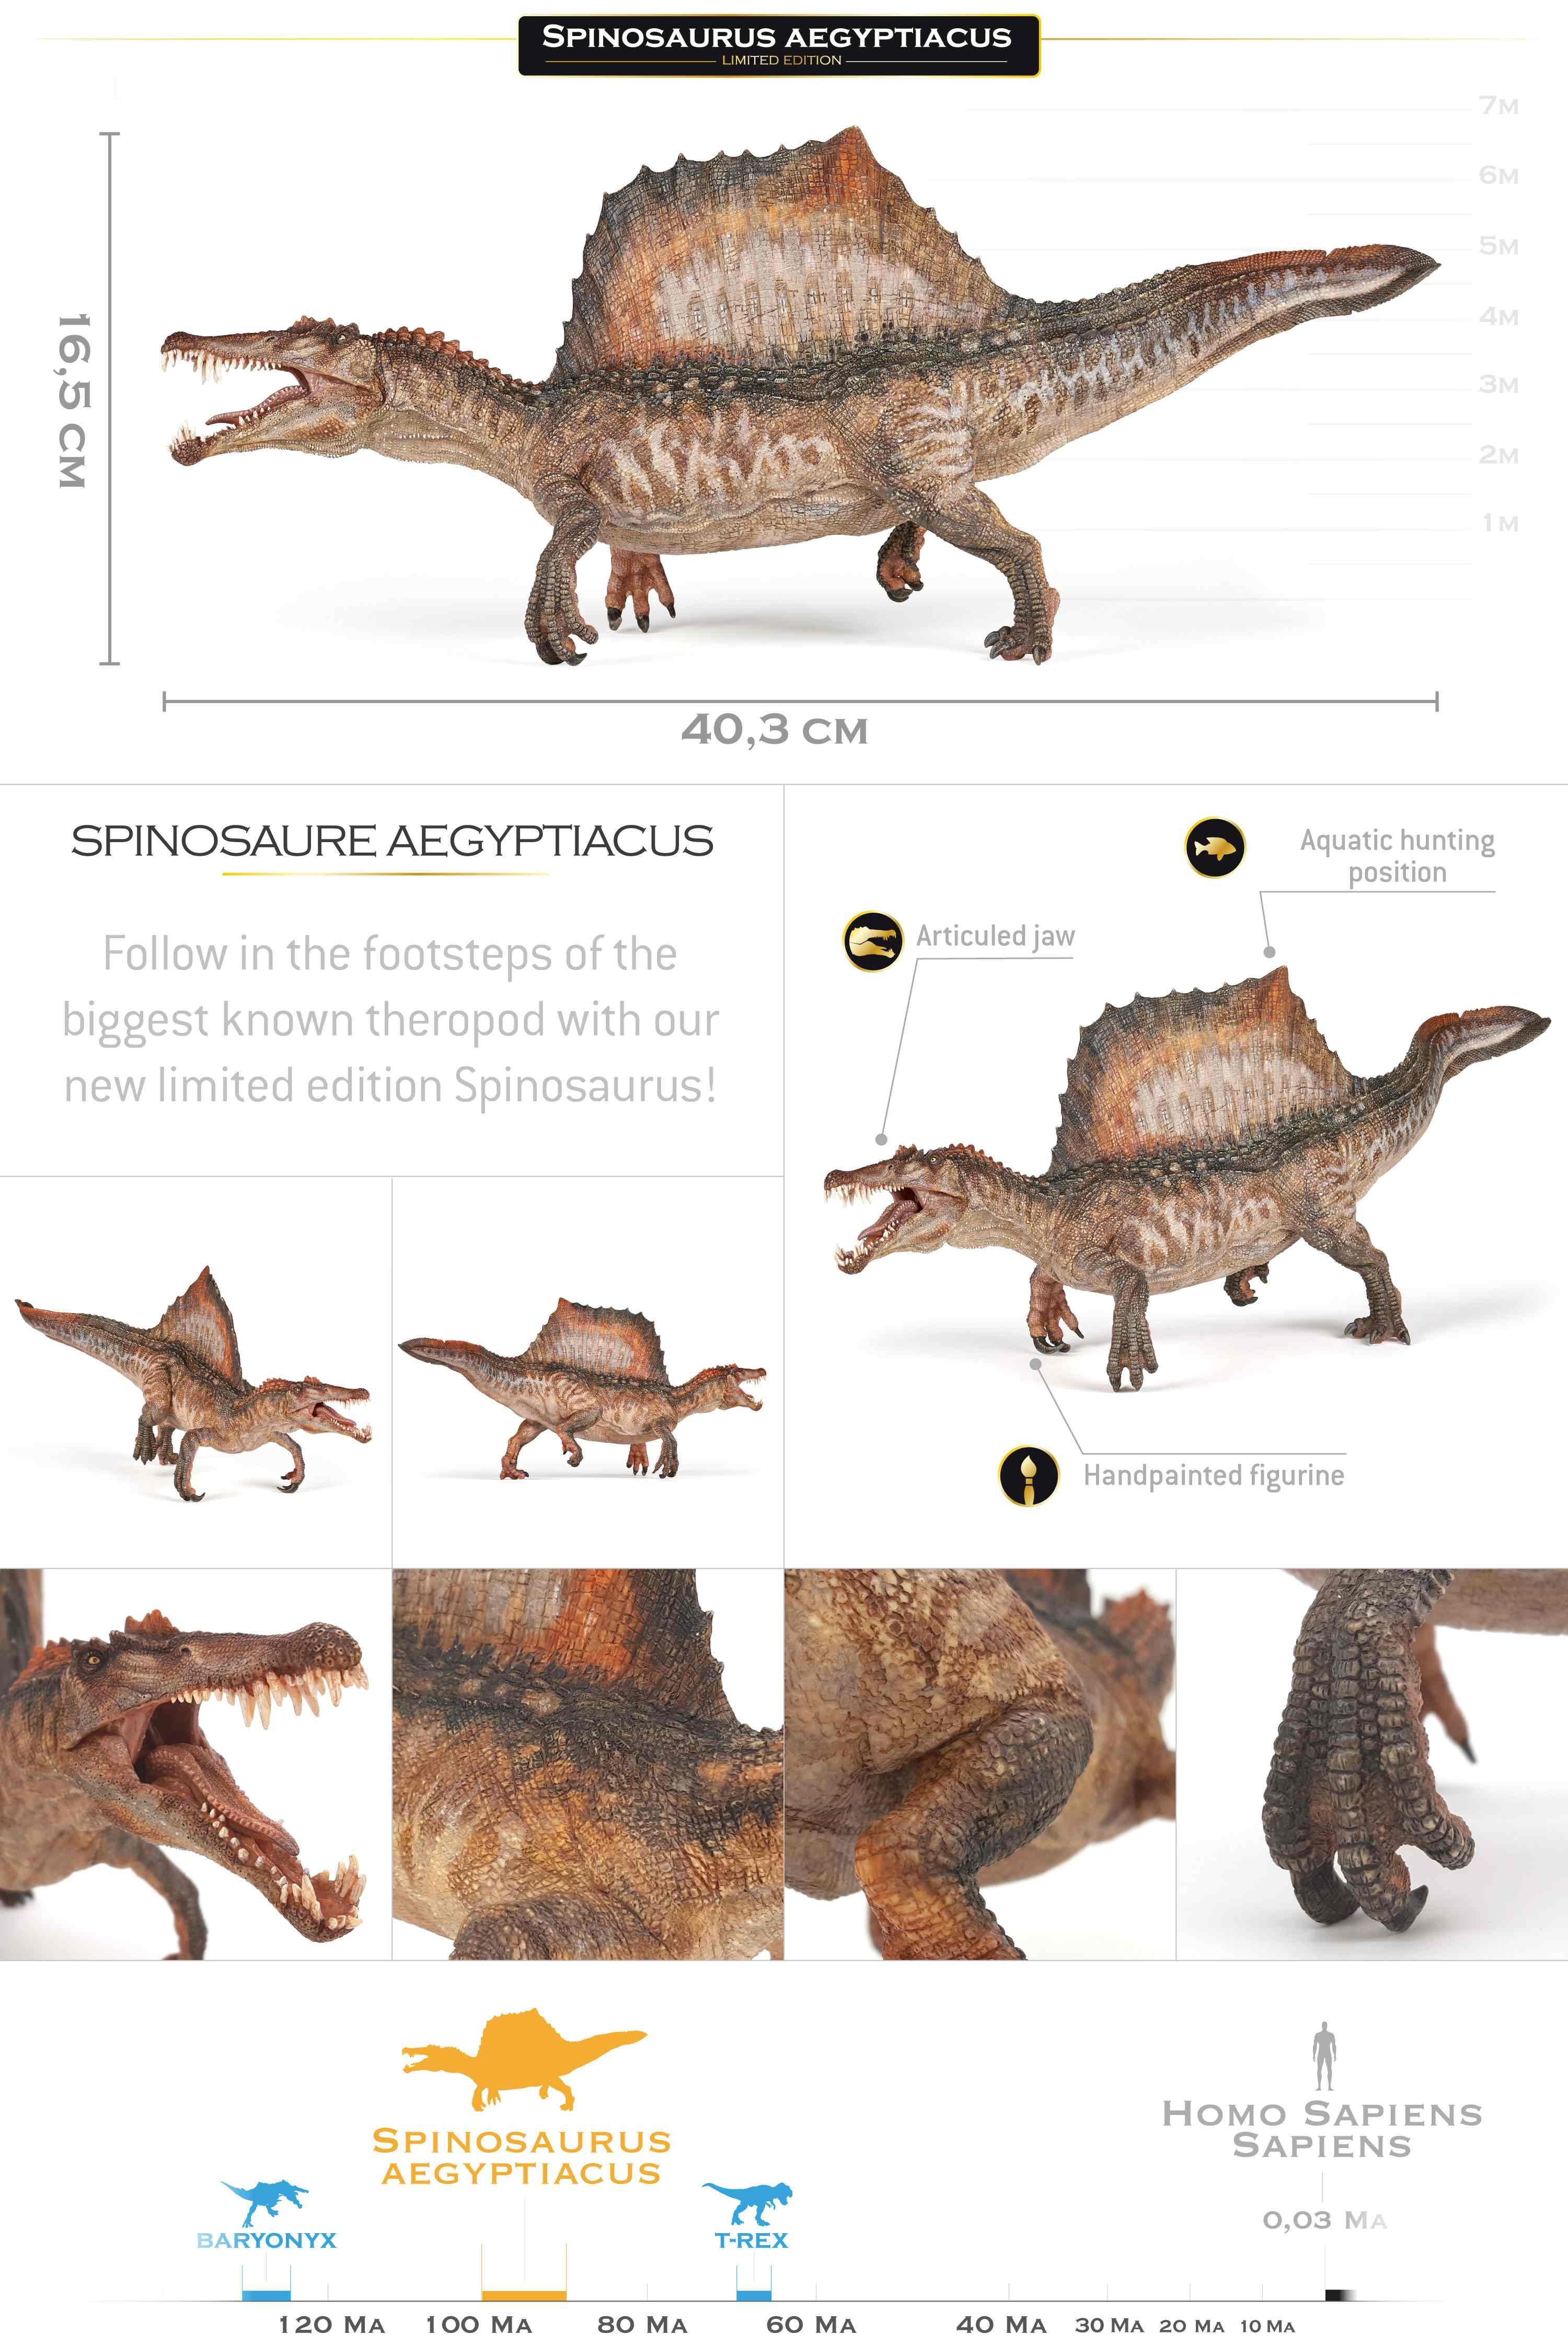 Spinosaurus Aegiptiacus